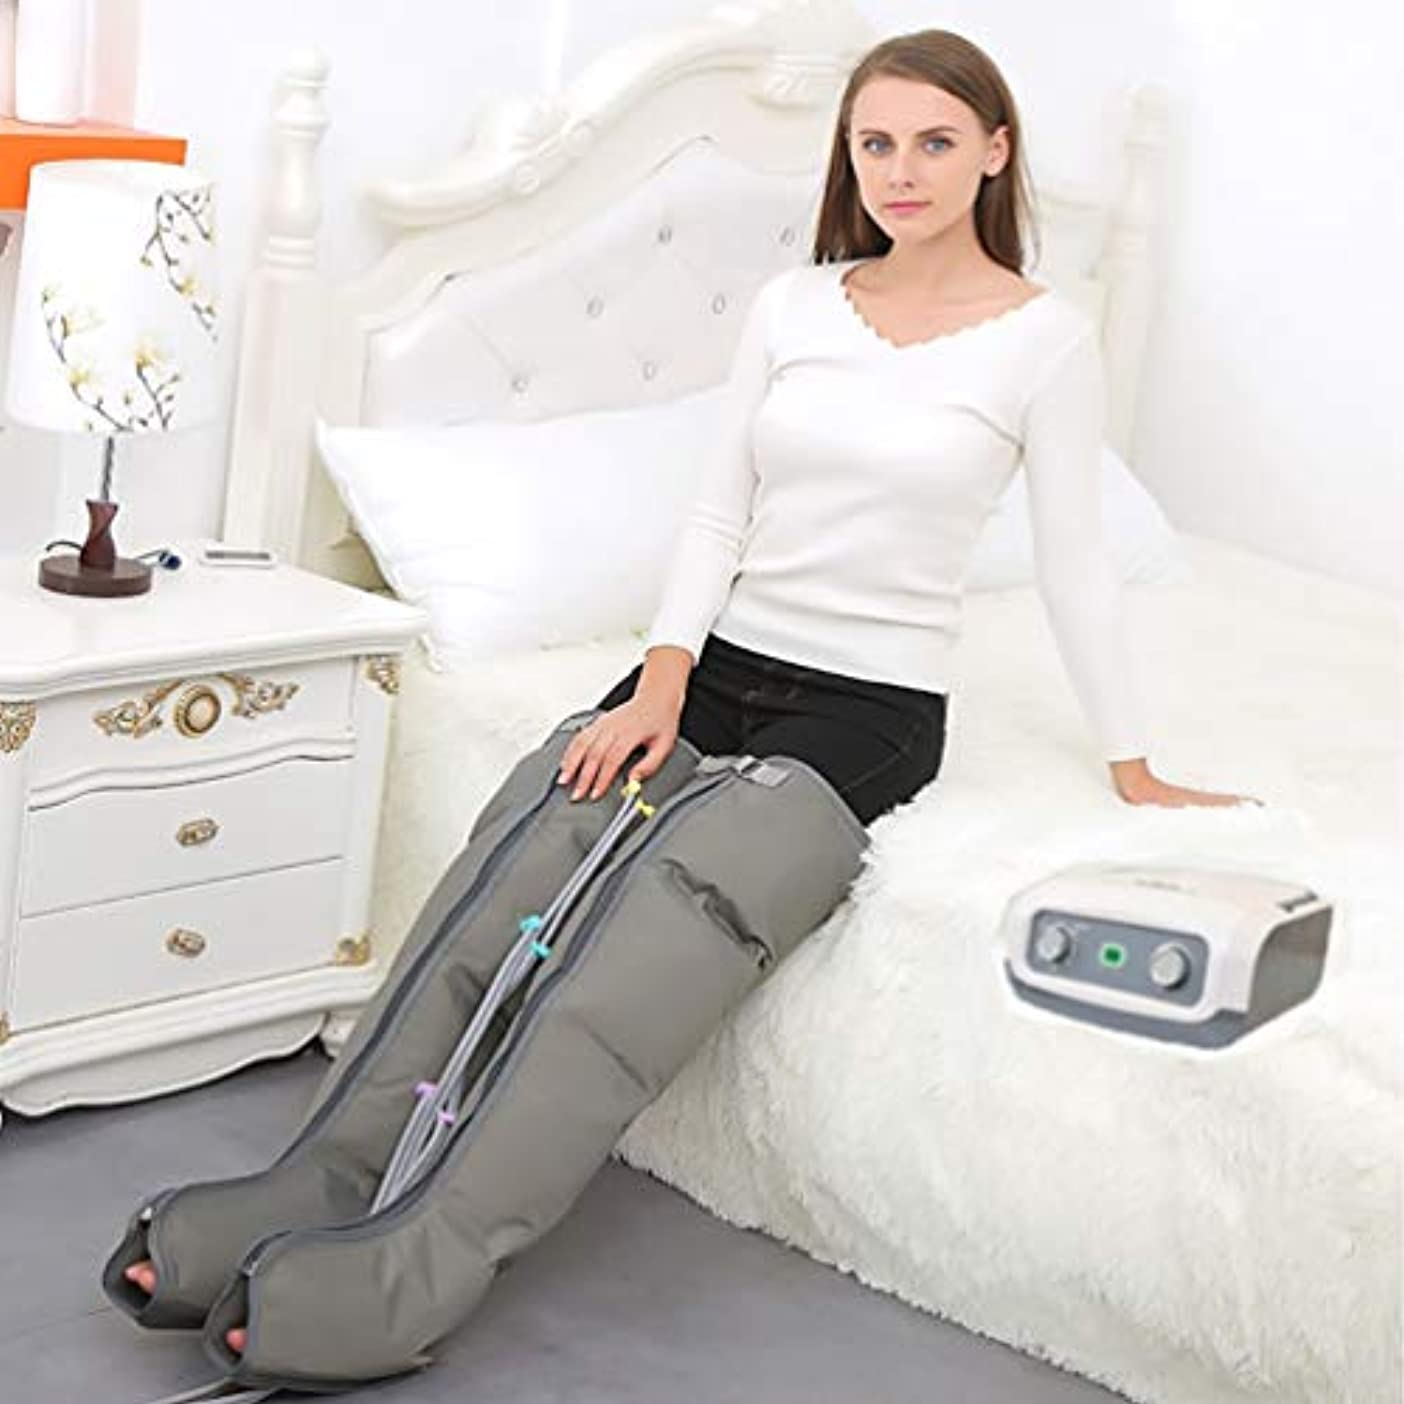 笑幼児キノコ足のふくらはぎ循環ブースターマッサージ療法4キャビティ高齢者の足のマッサージのための空気圧縮脚マッサージ機,doubleLowerlimbs